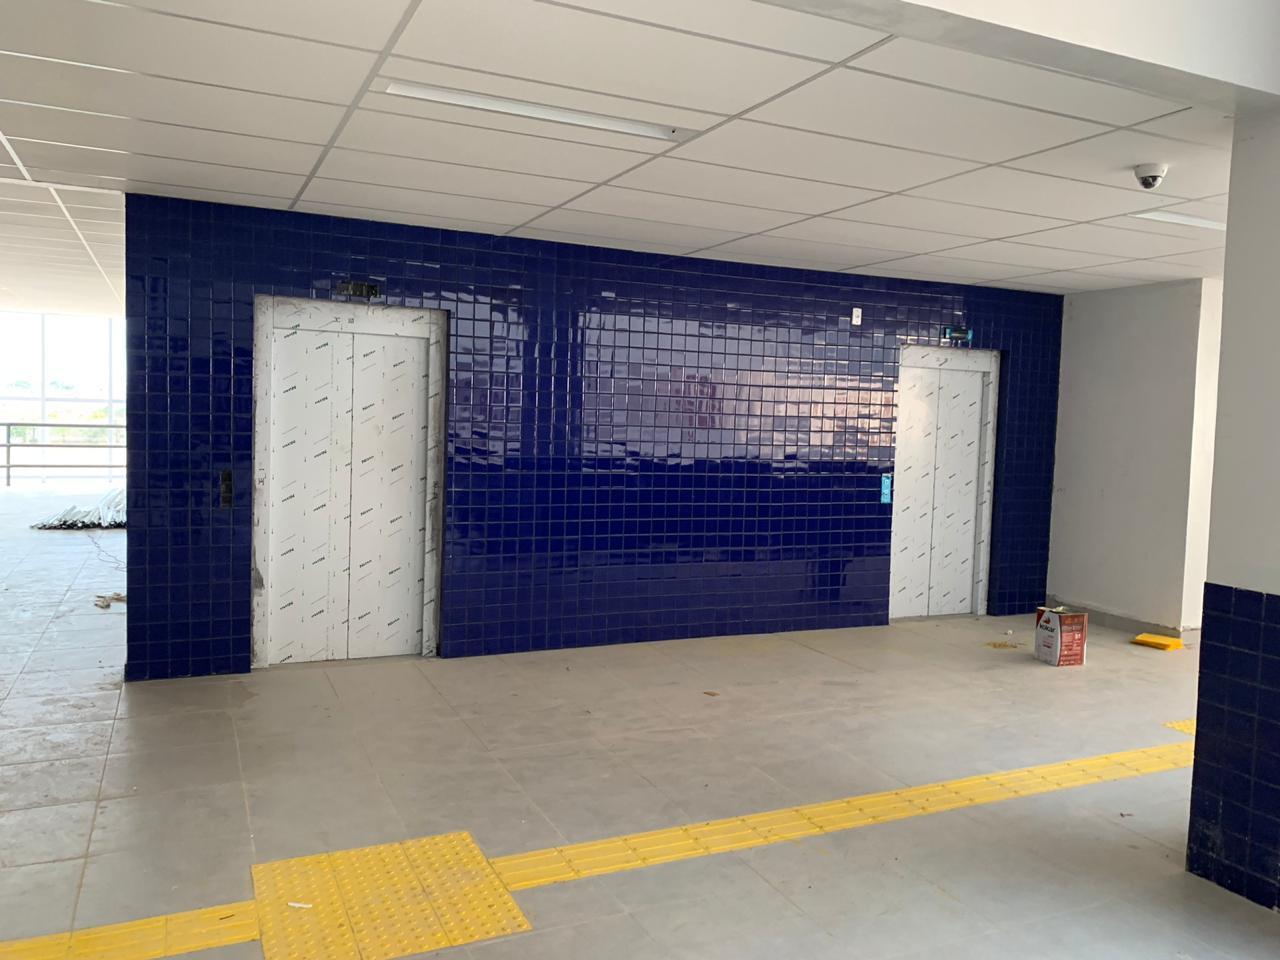 Está em fase de conclusão a obra do Prédio Multiuso de 5 pavimentos da Unifesspada, na Unidade III. de Marabá